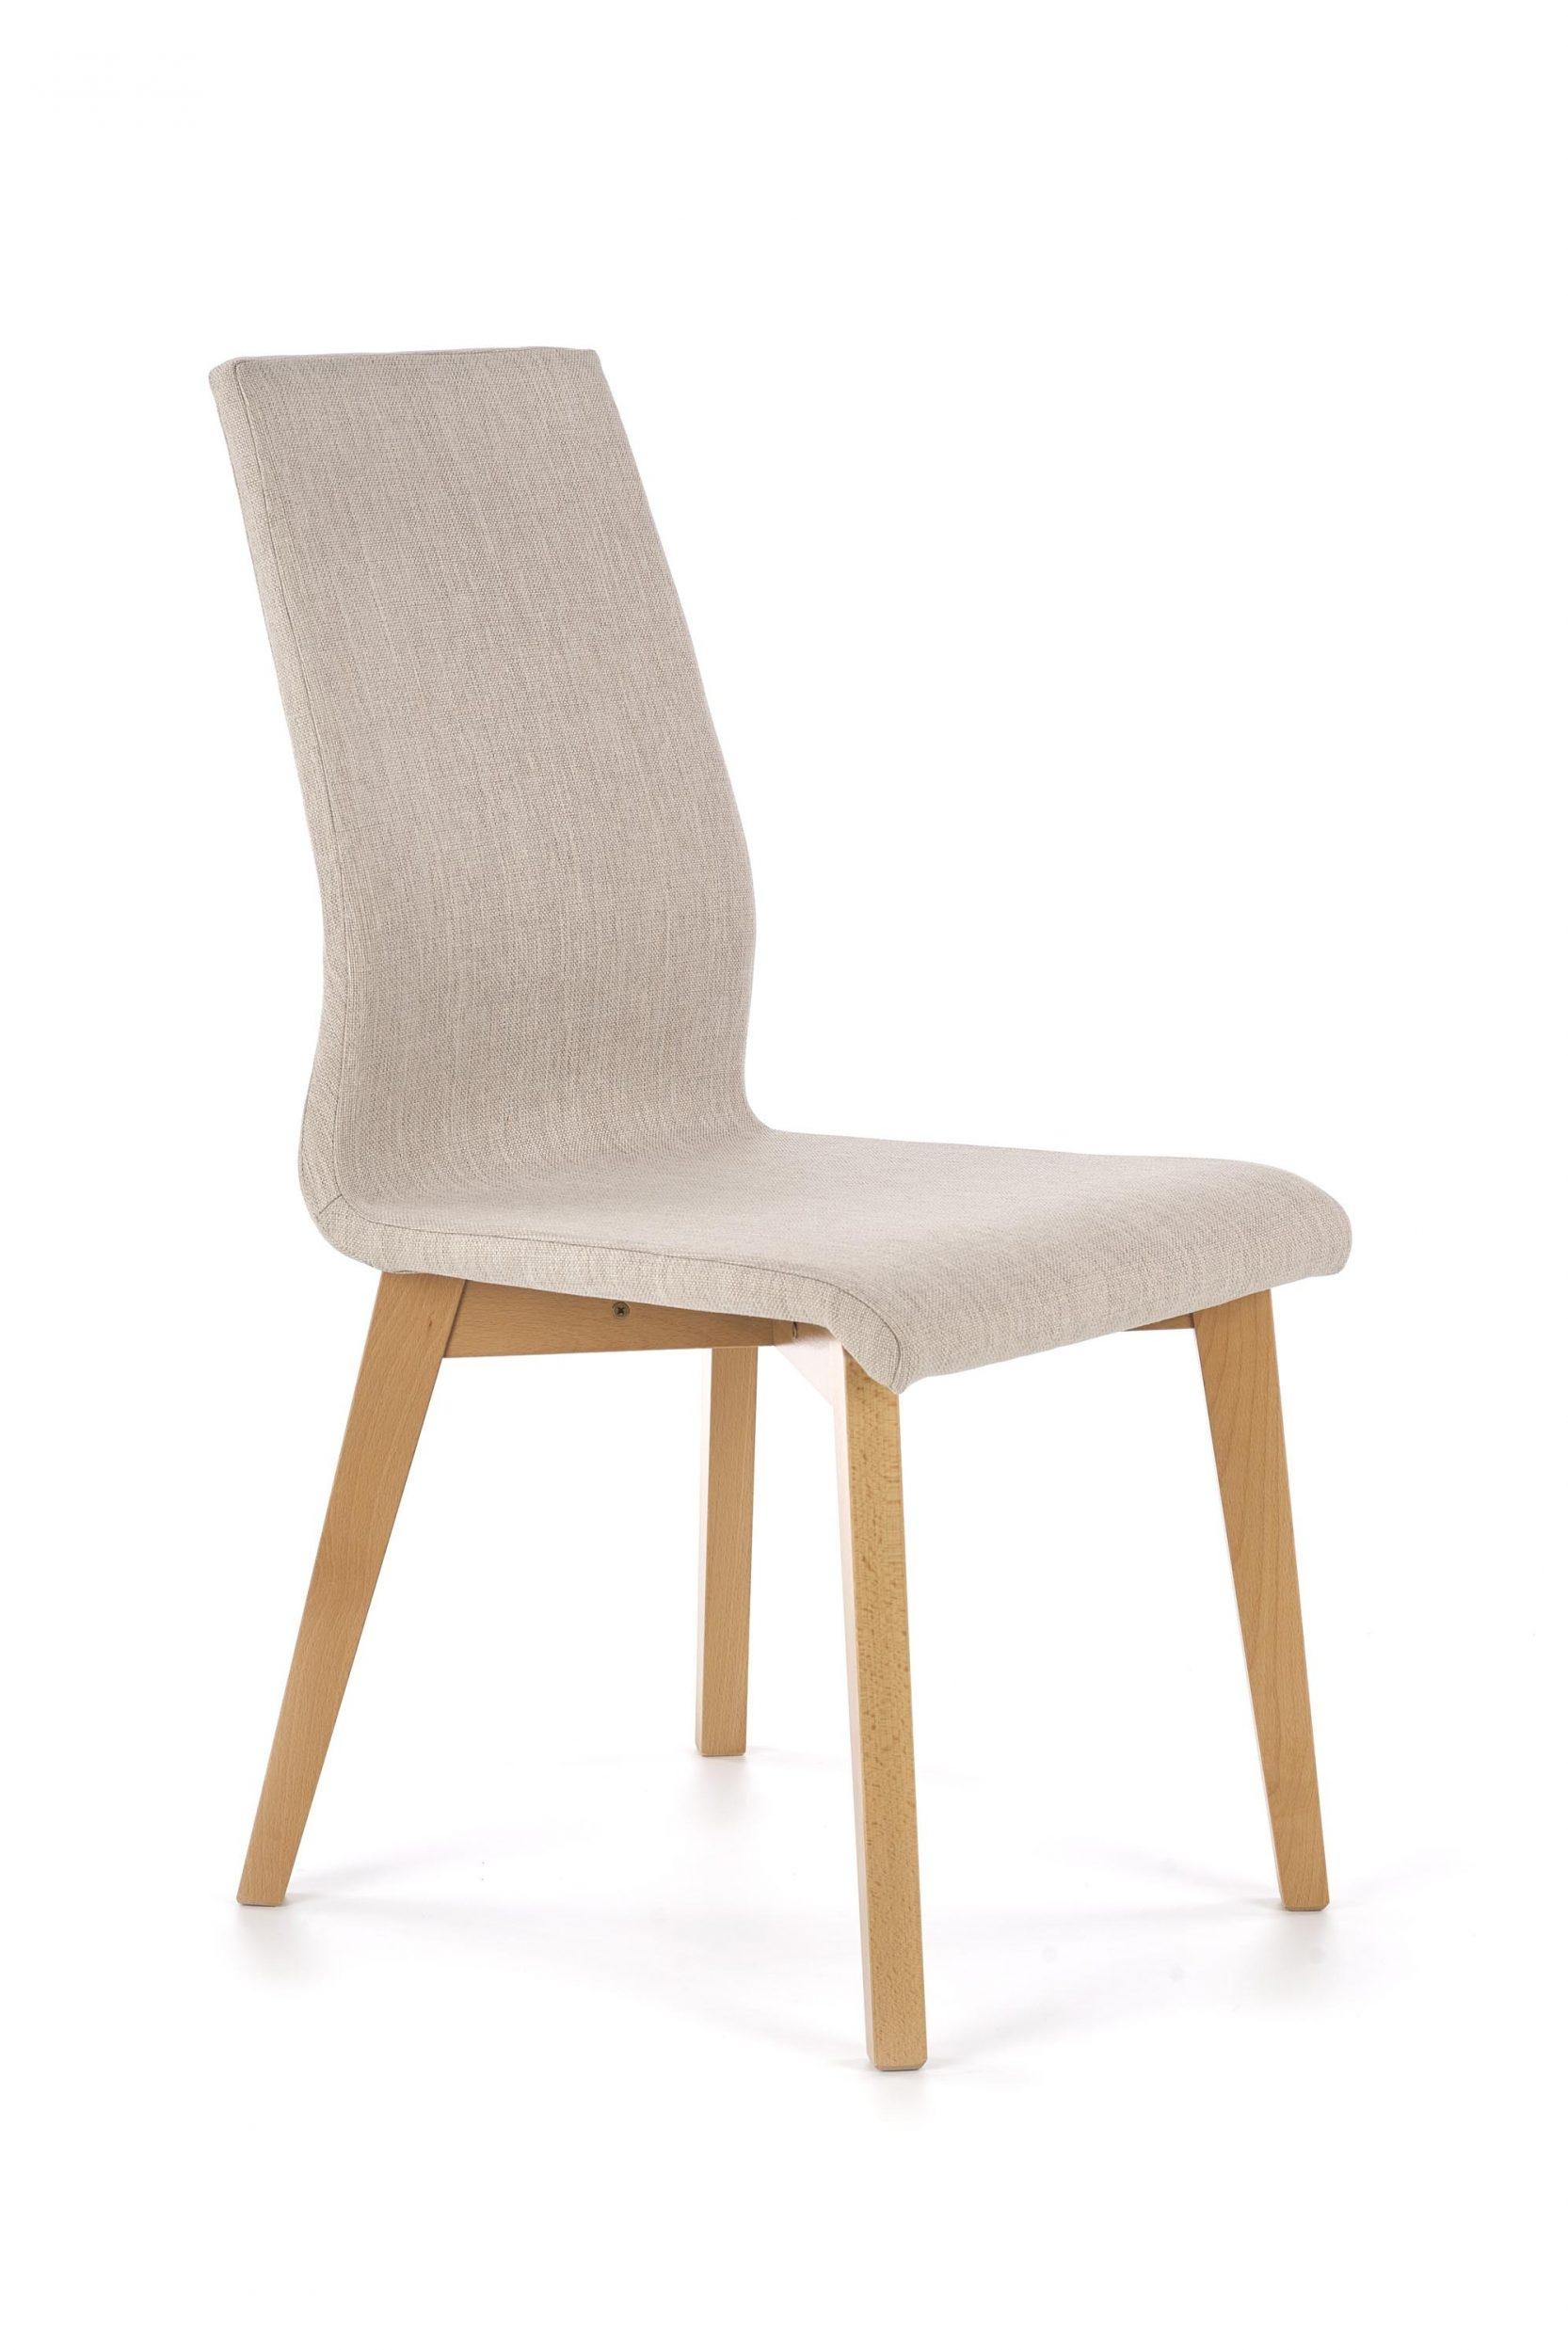 Scaun tapitat cu stofa, cu picioare din lemn Focus Bej / Stejar, l45xA61xH94 cm